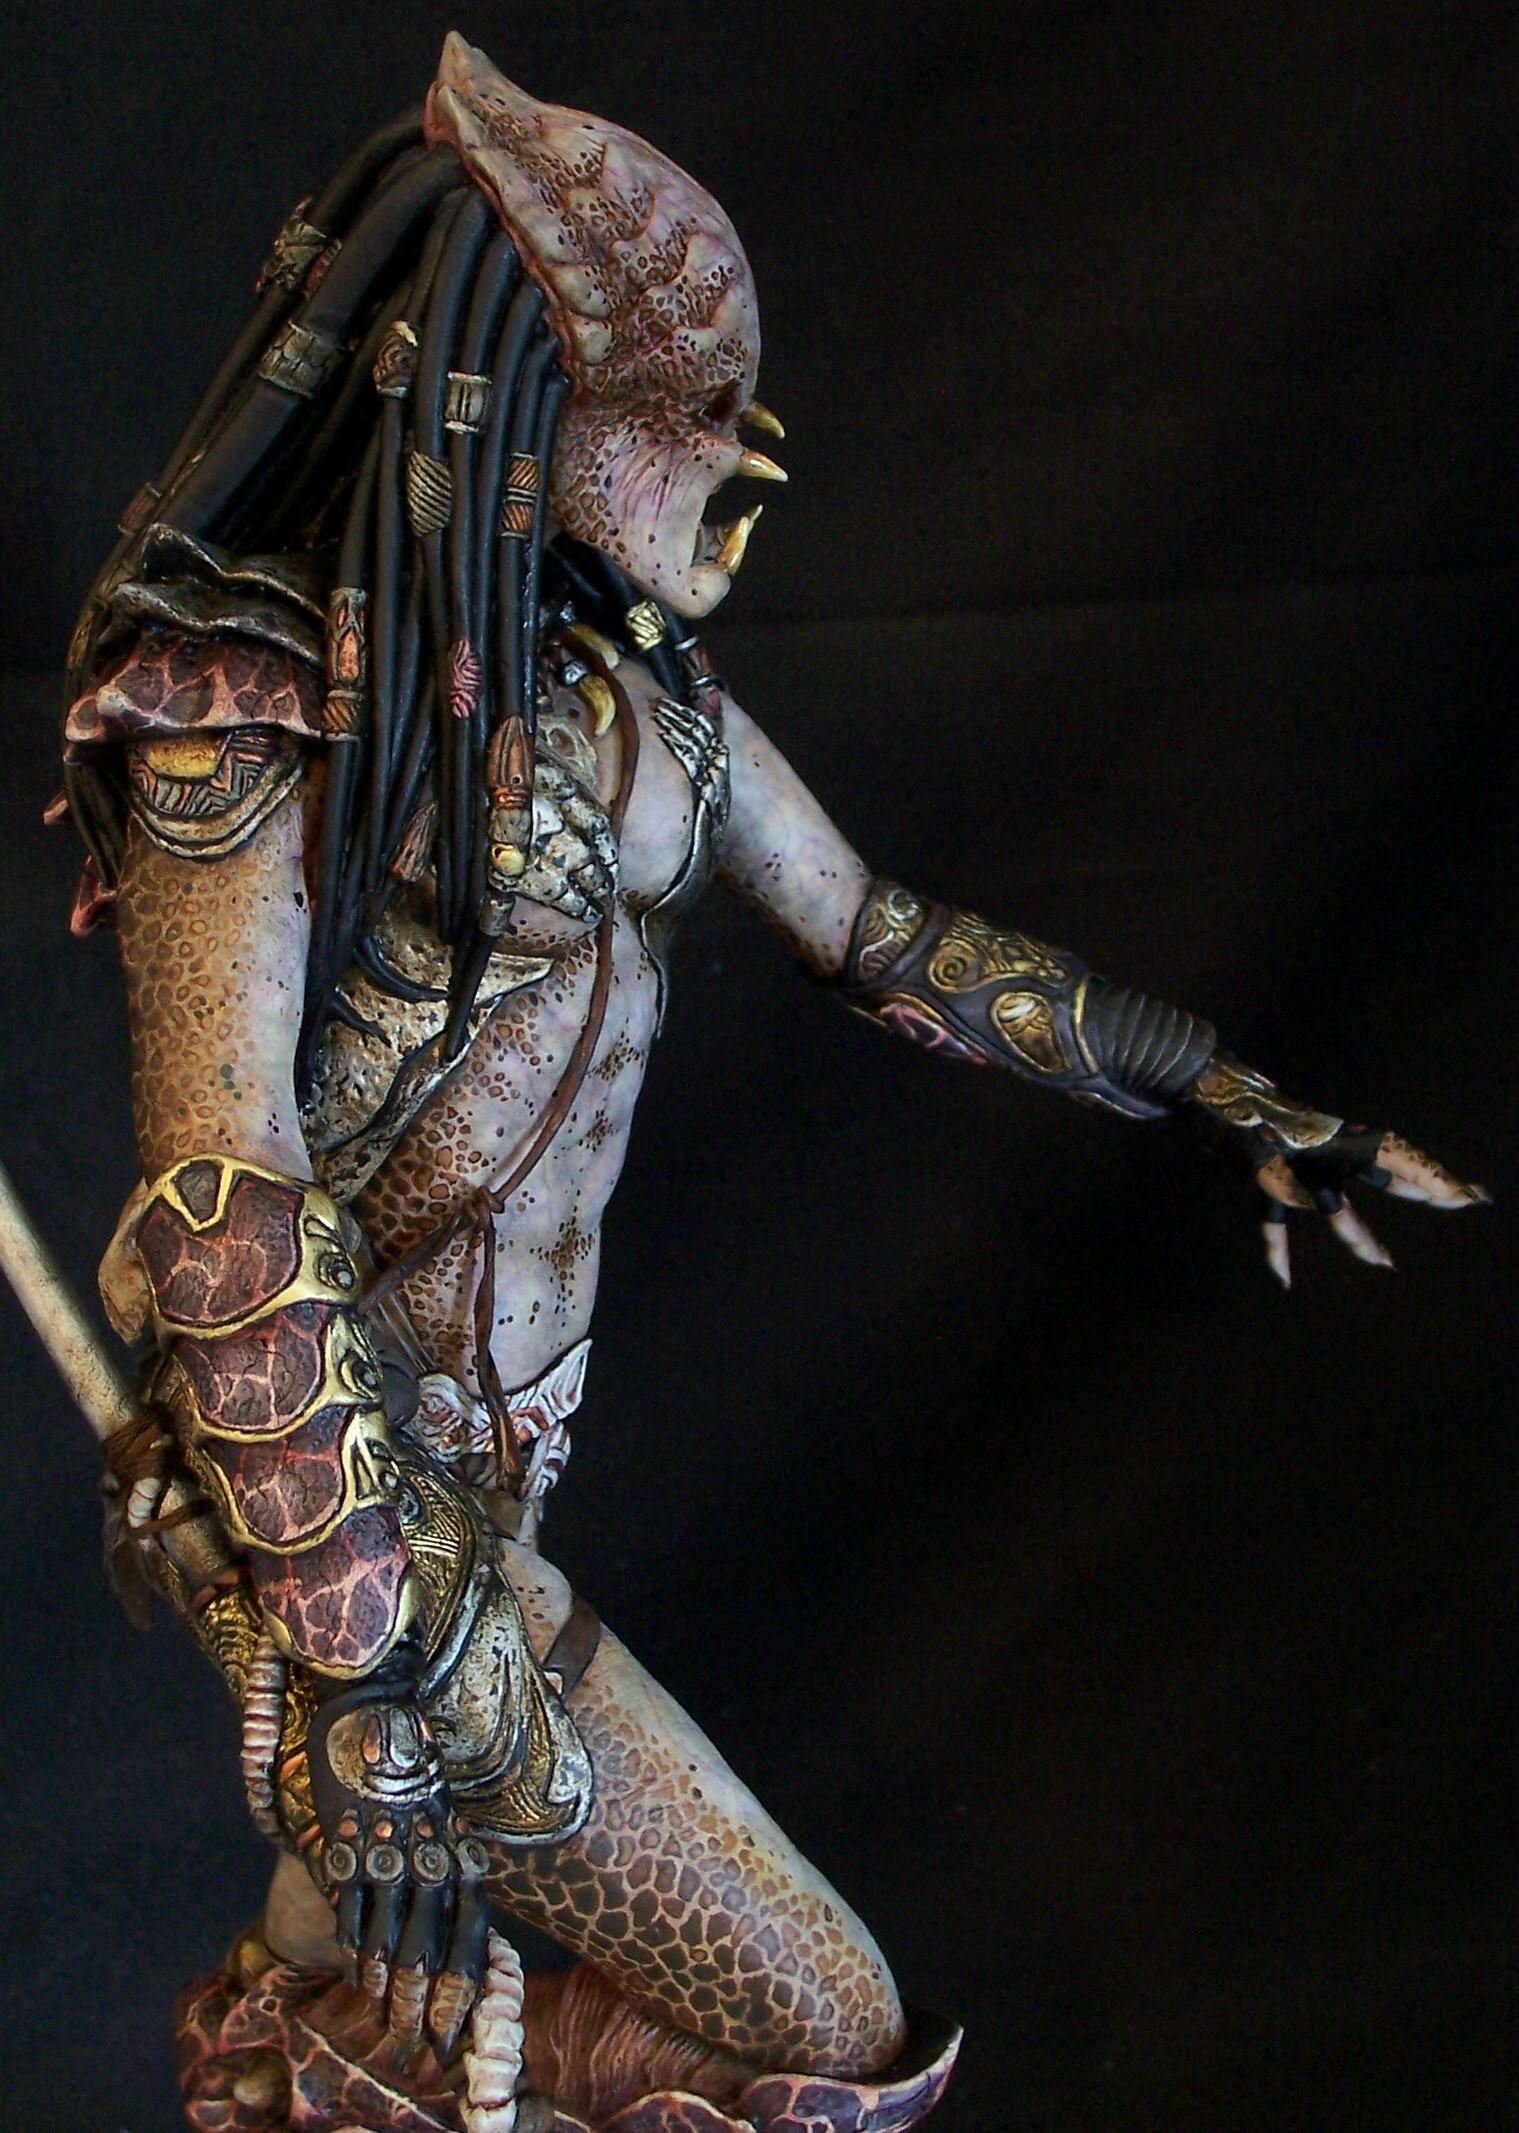 Joe Dunaway Model Kit Buildups 187 Female Predator With